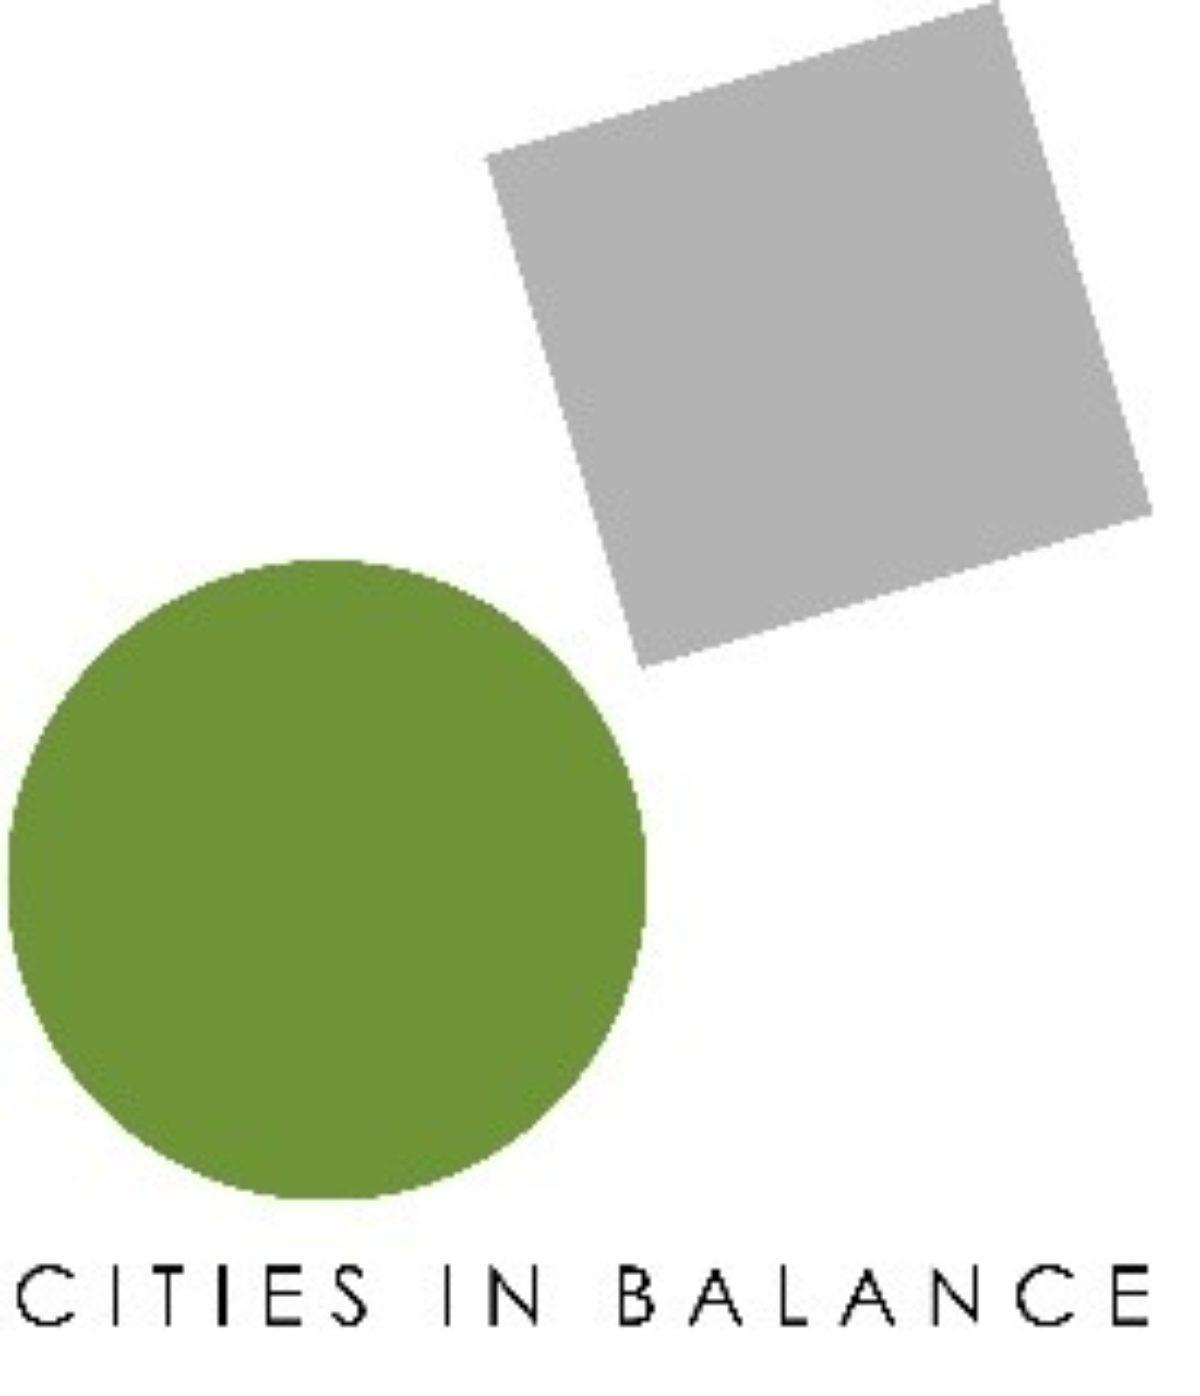 """Πρώτη Διεπιστημονική Συνάντηση Cities in Balance: """"Μνήμη και Λήθη στον Δημόσιο χώρο"""", 23-26 Αυγούστου 2019, Αλέξανδρος Λευκάδας"""